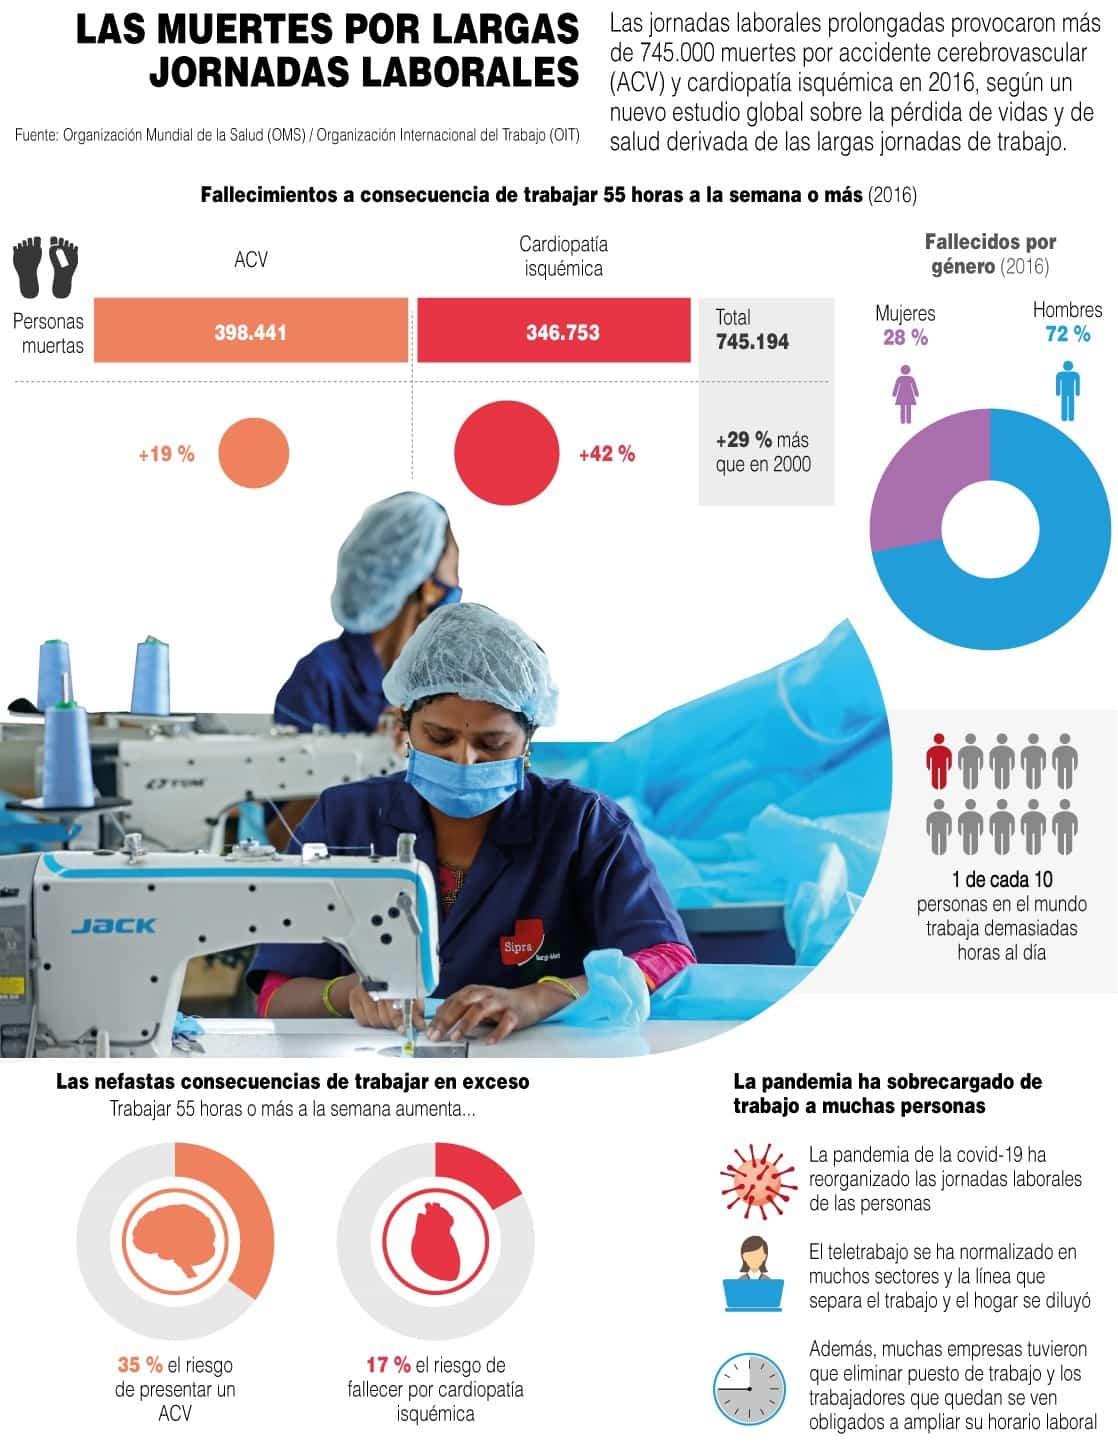 [Infografía] - Las muertes por largas jornadas laborales 1